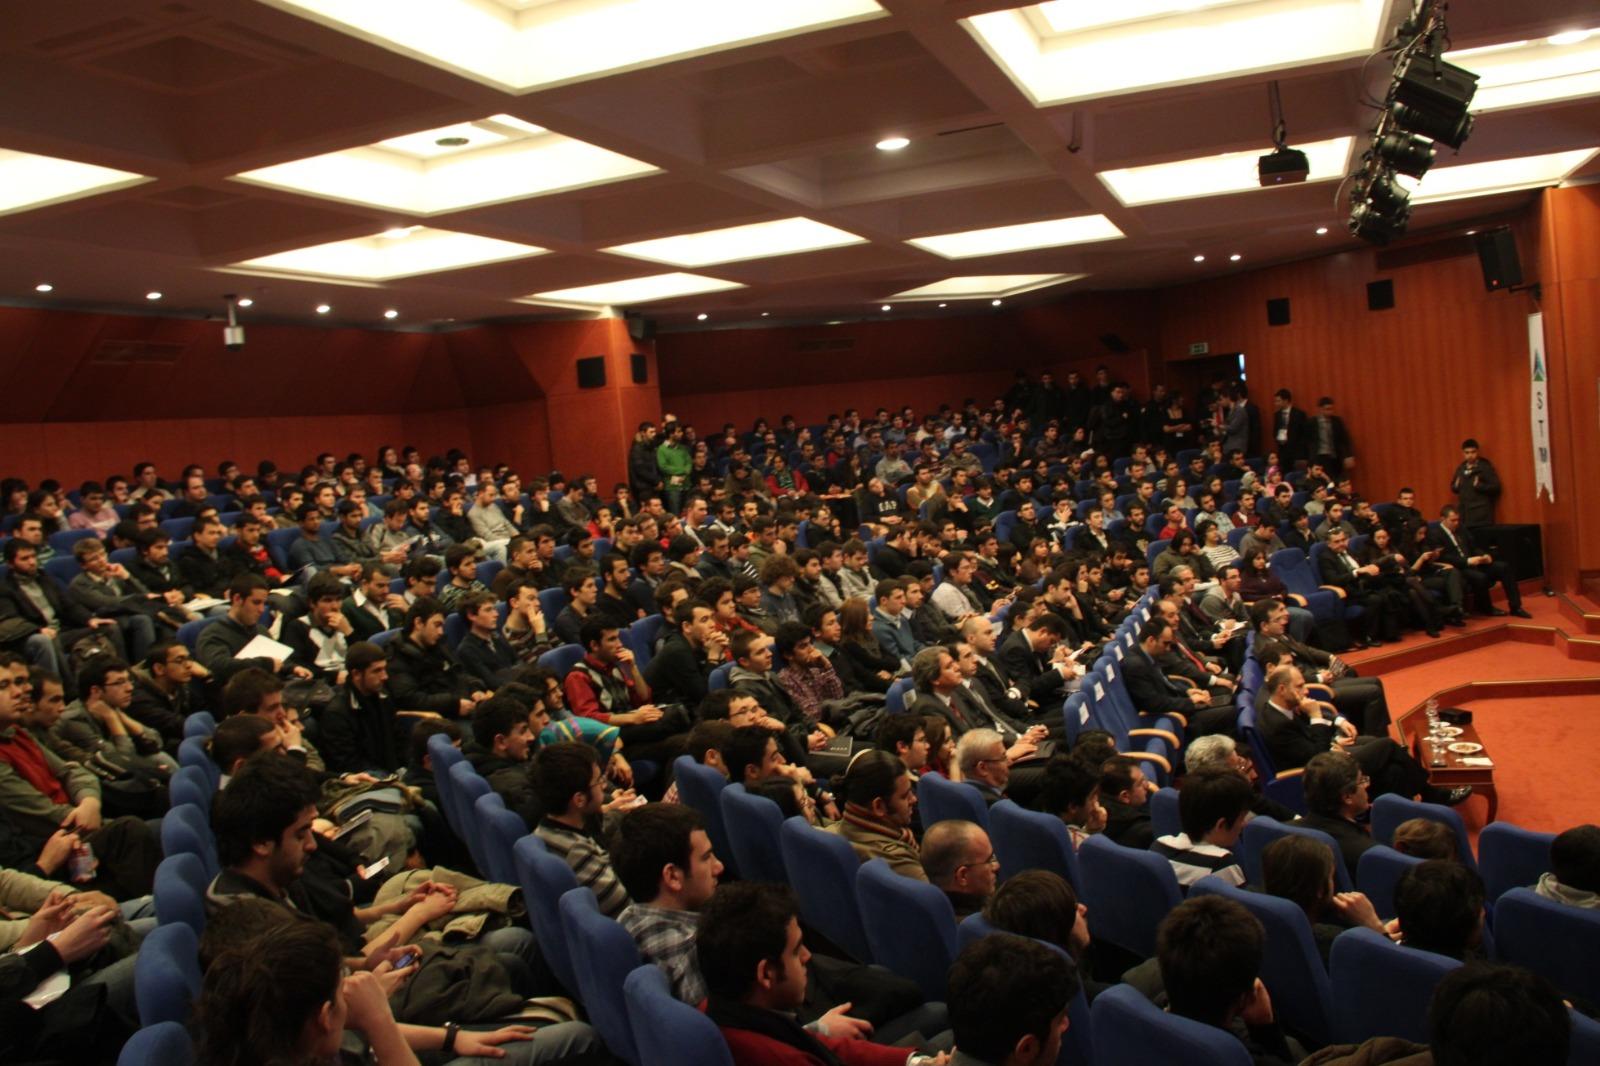 WhatsApp Image 2020 03 04 at 23.02.57 - Sektörün En Büyük Öğrenci Etkinliği Başlıyor